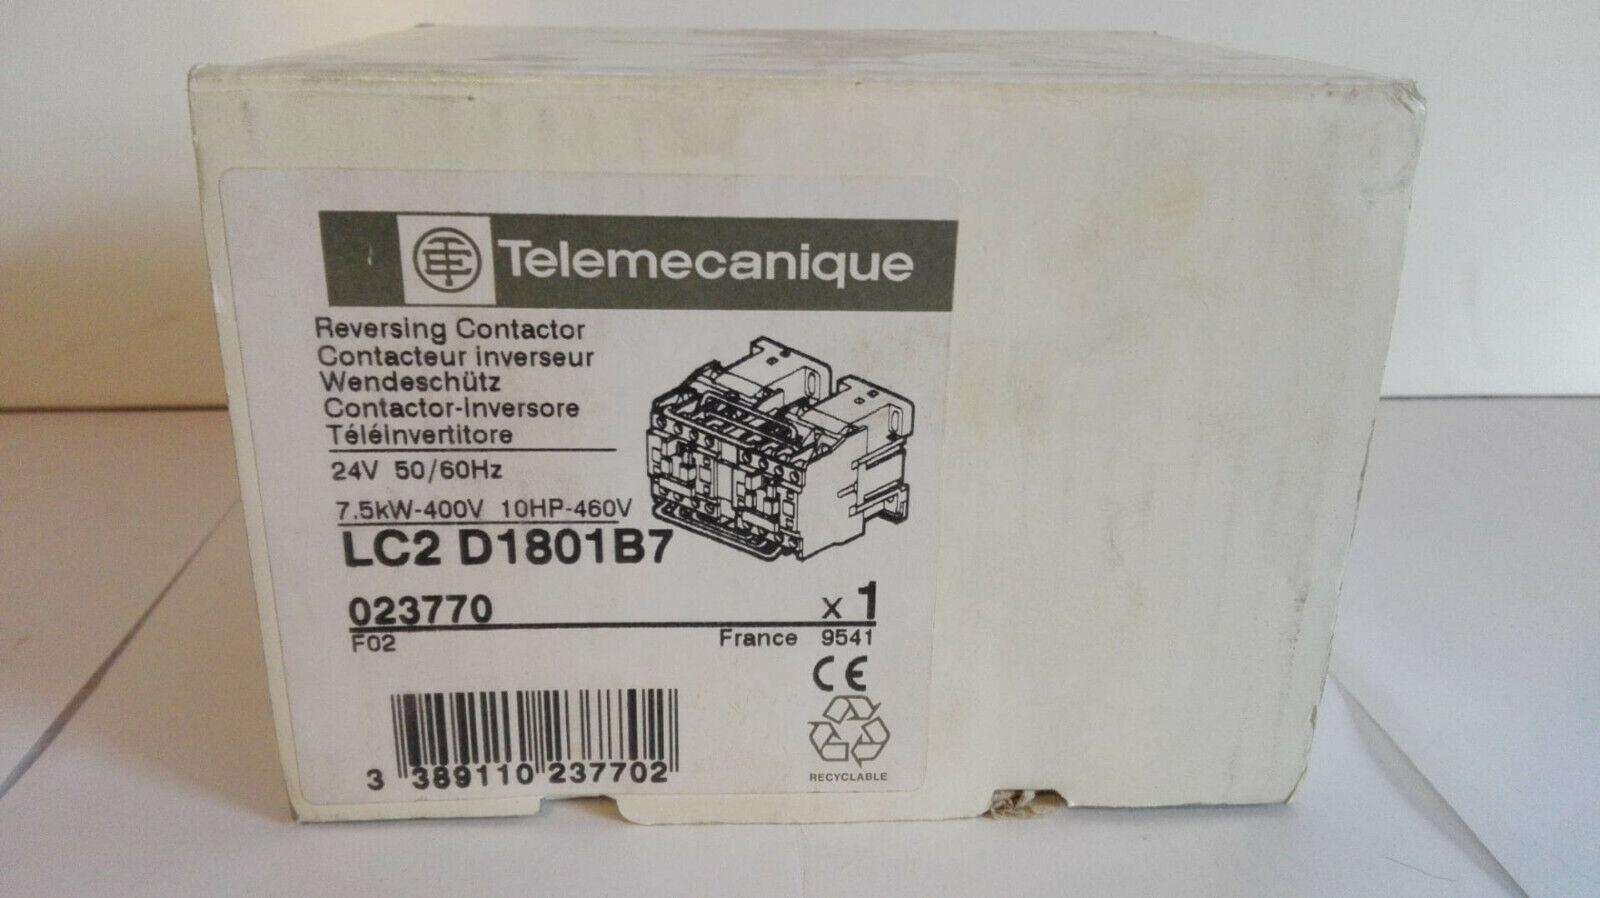 TELEMECANIQUE wendeschütz lc2 d1801p7